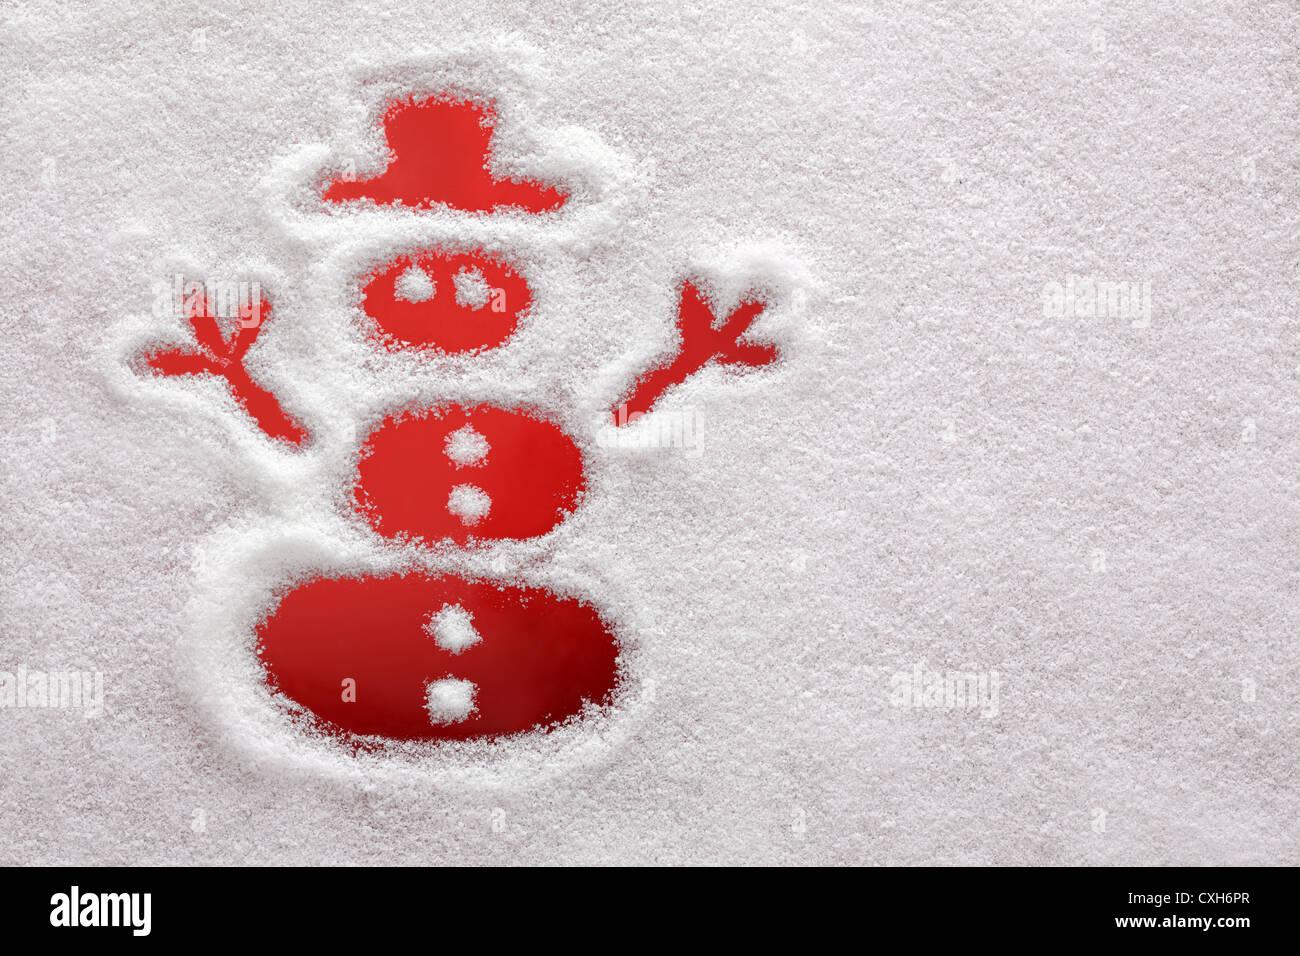 Schneemann im Schnee gezogen Stockbild